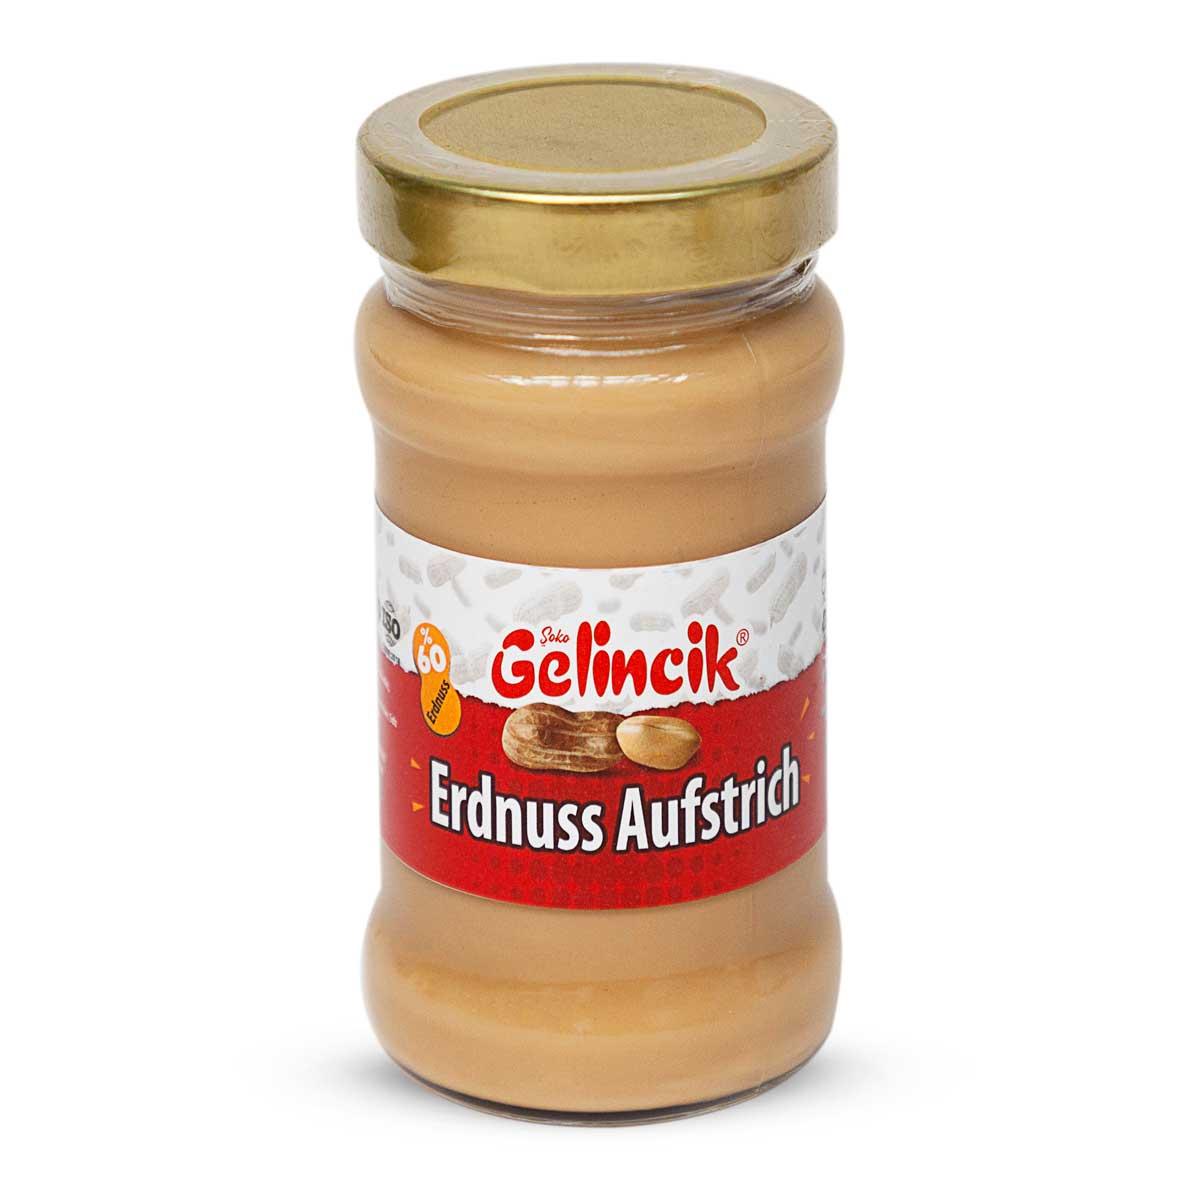 Erdnuss Creme - Erdnussbutter cremig - 60% Erdnussanteil